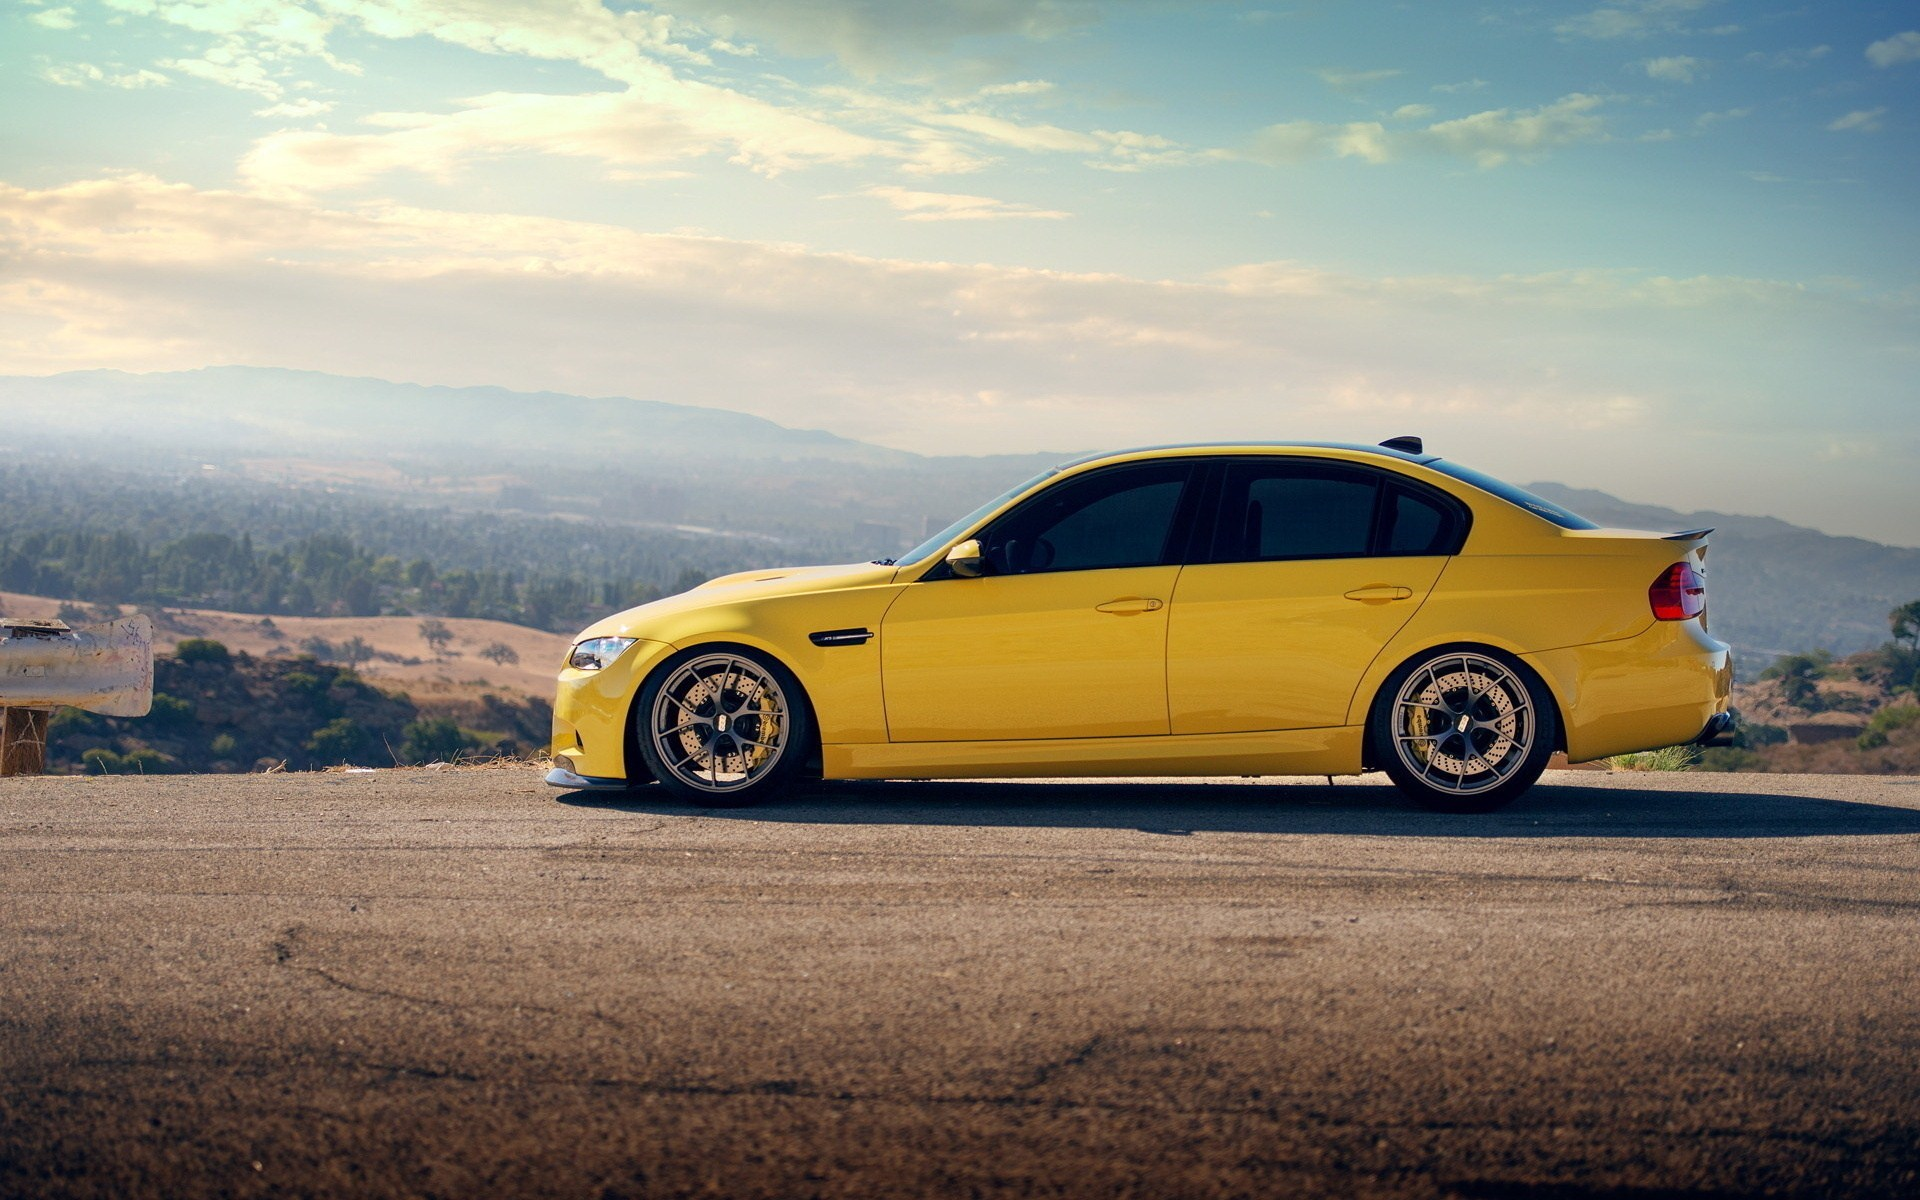 Istraživanje: Žuti automobili najbolje drže vrednost